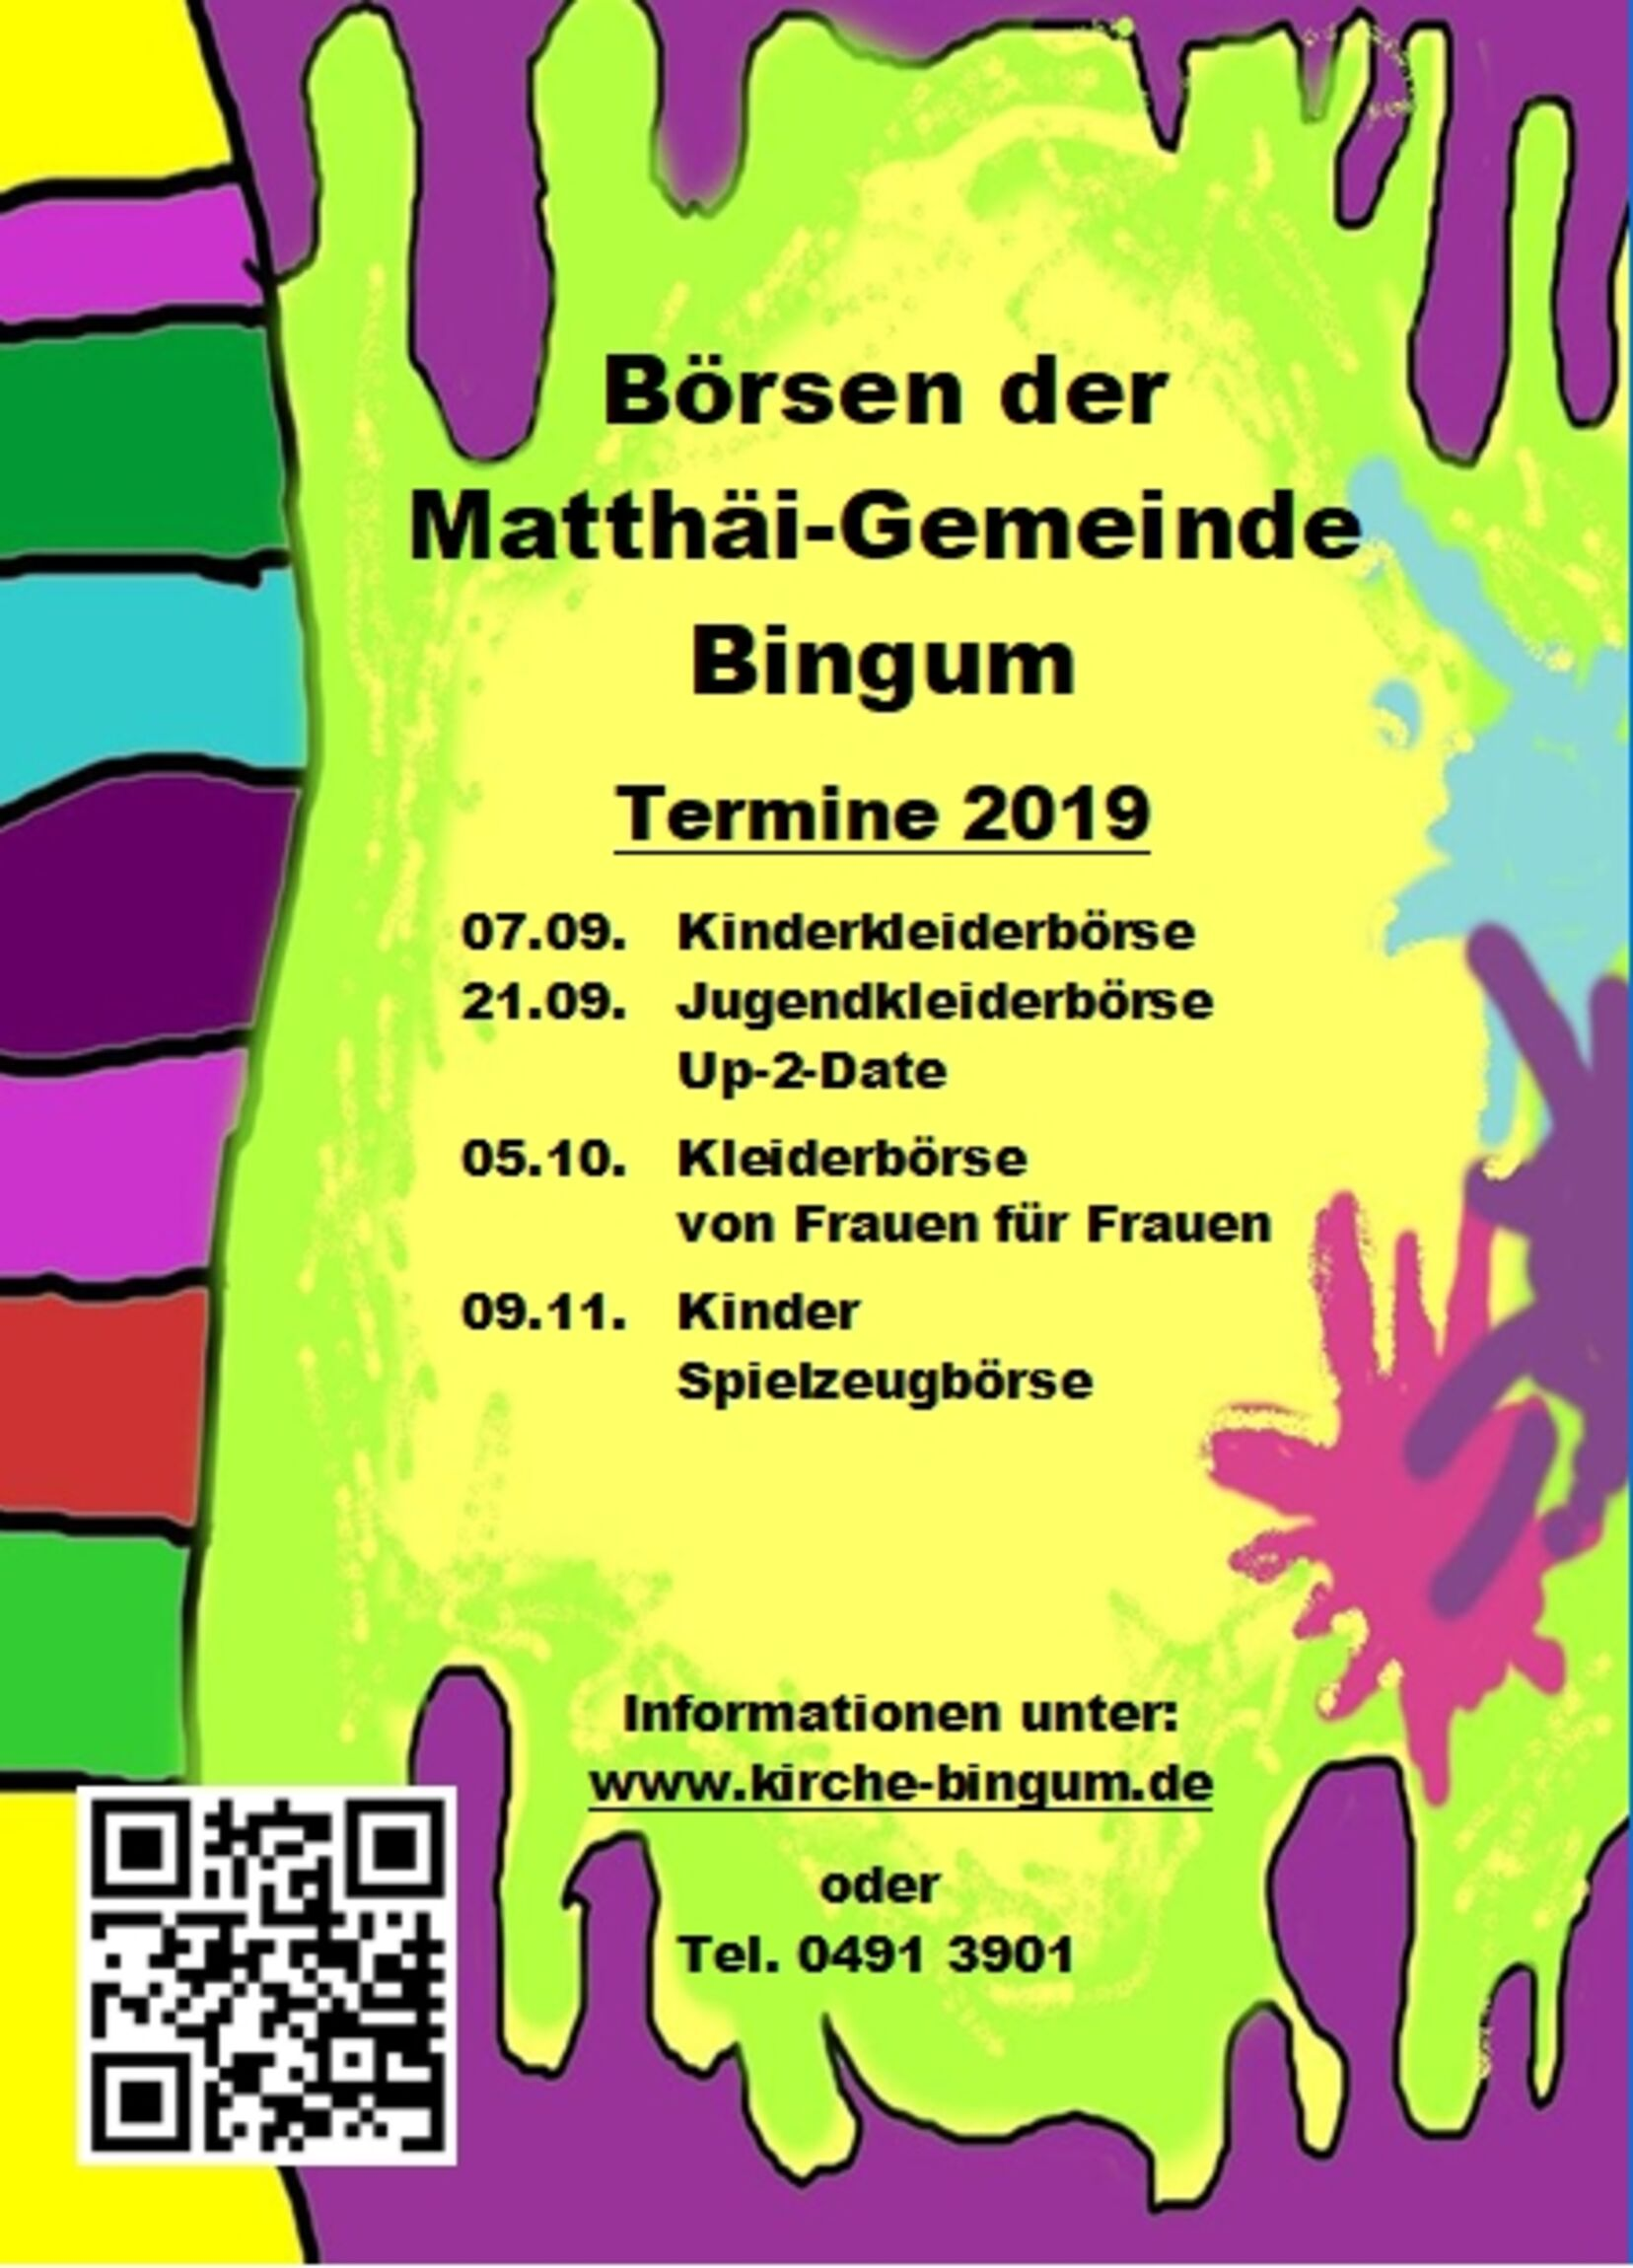 Börsentermine Kleiderbörsen Bingum - Herbst 2019